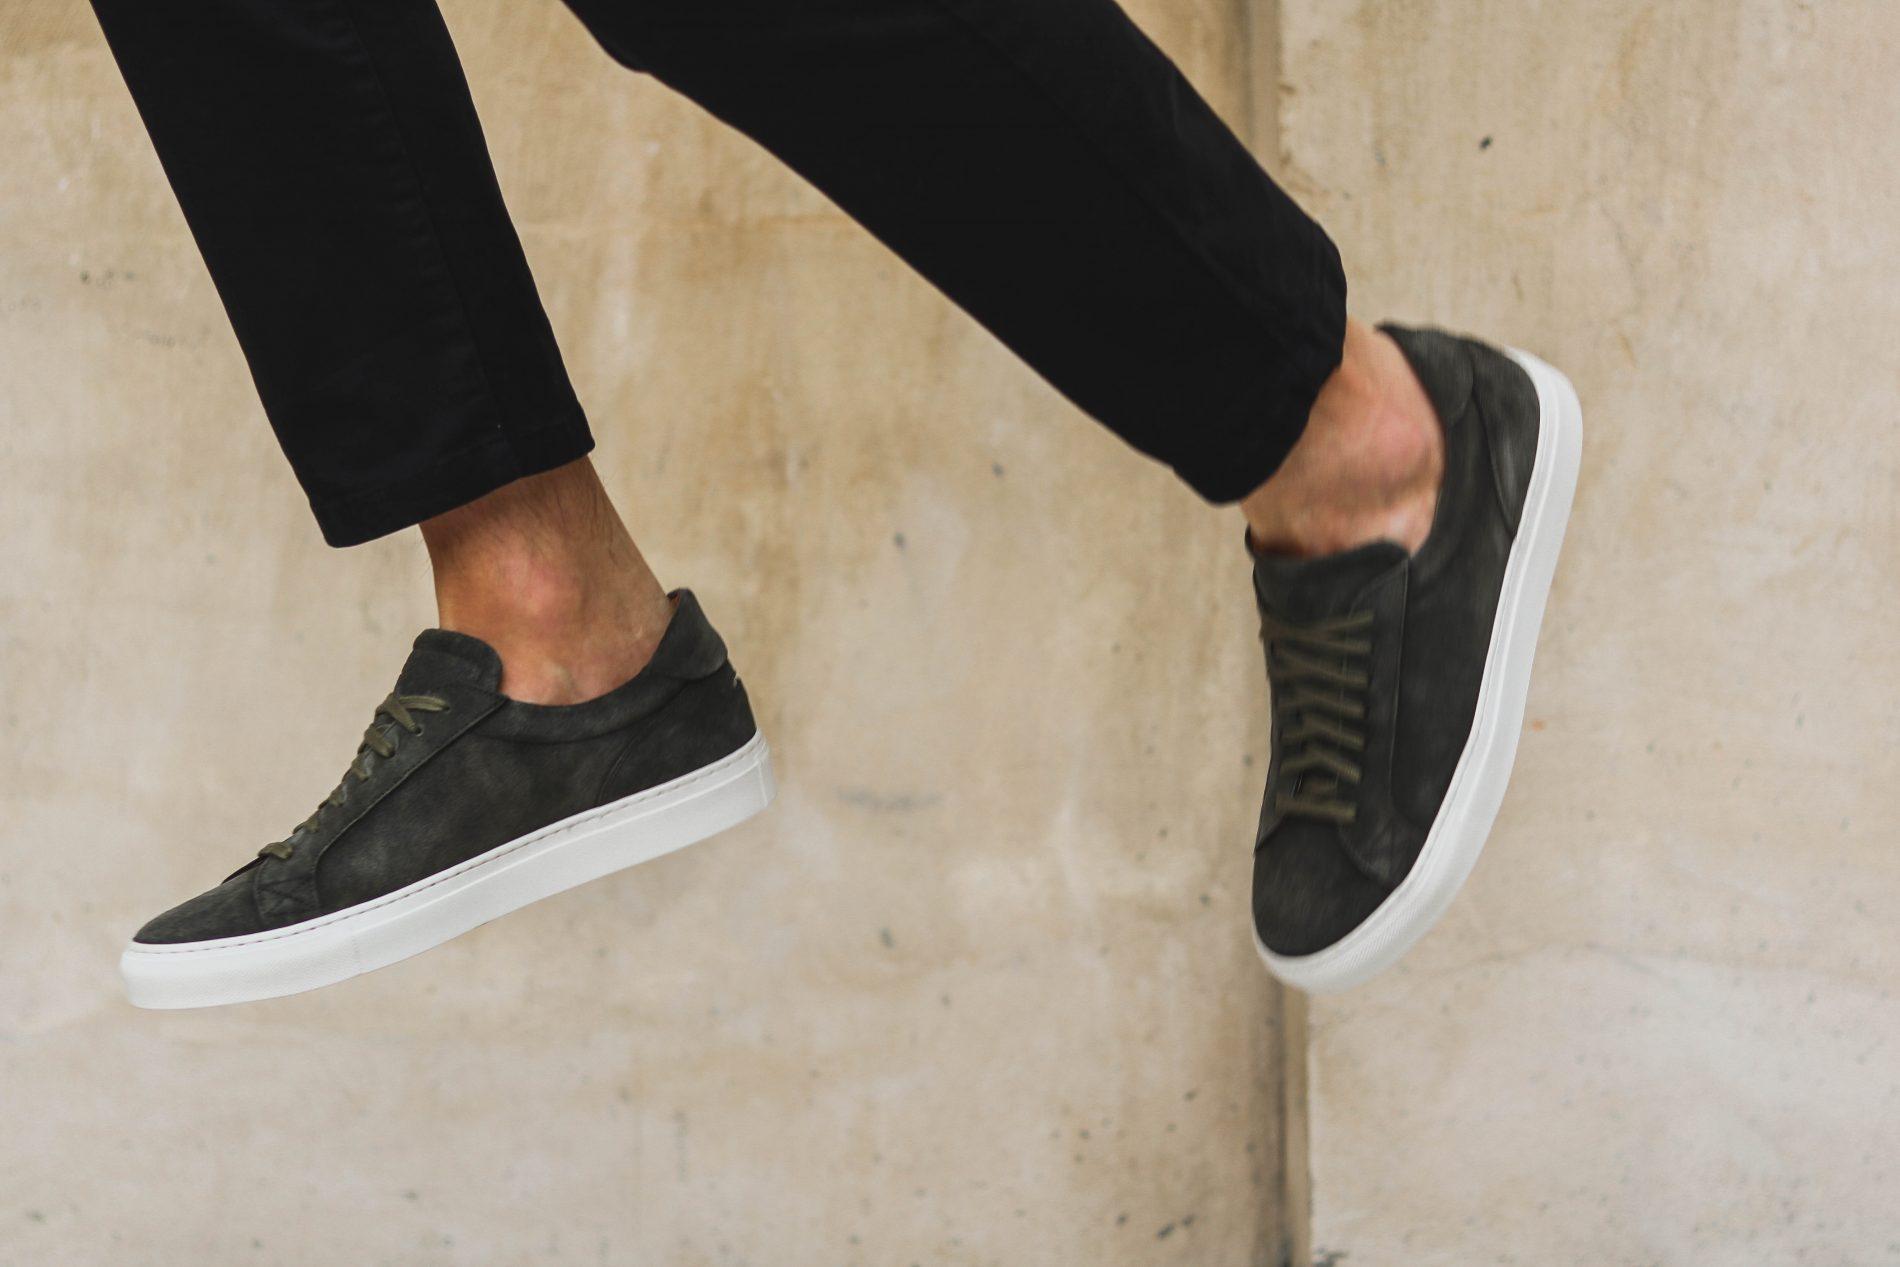 Unseen footwear